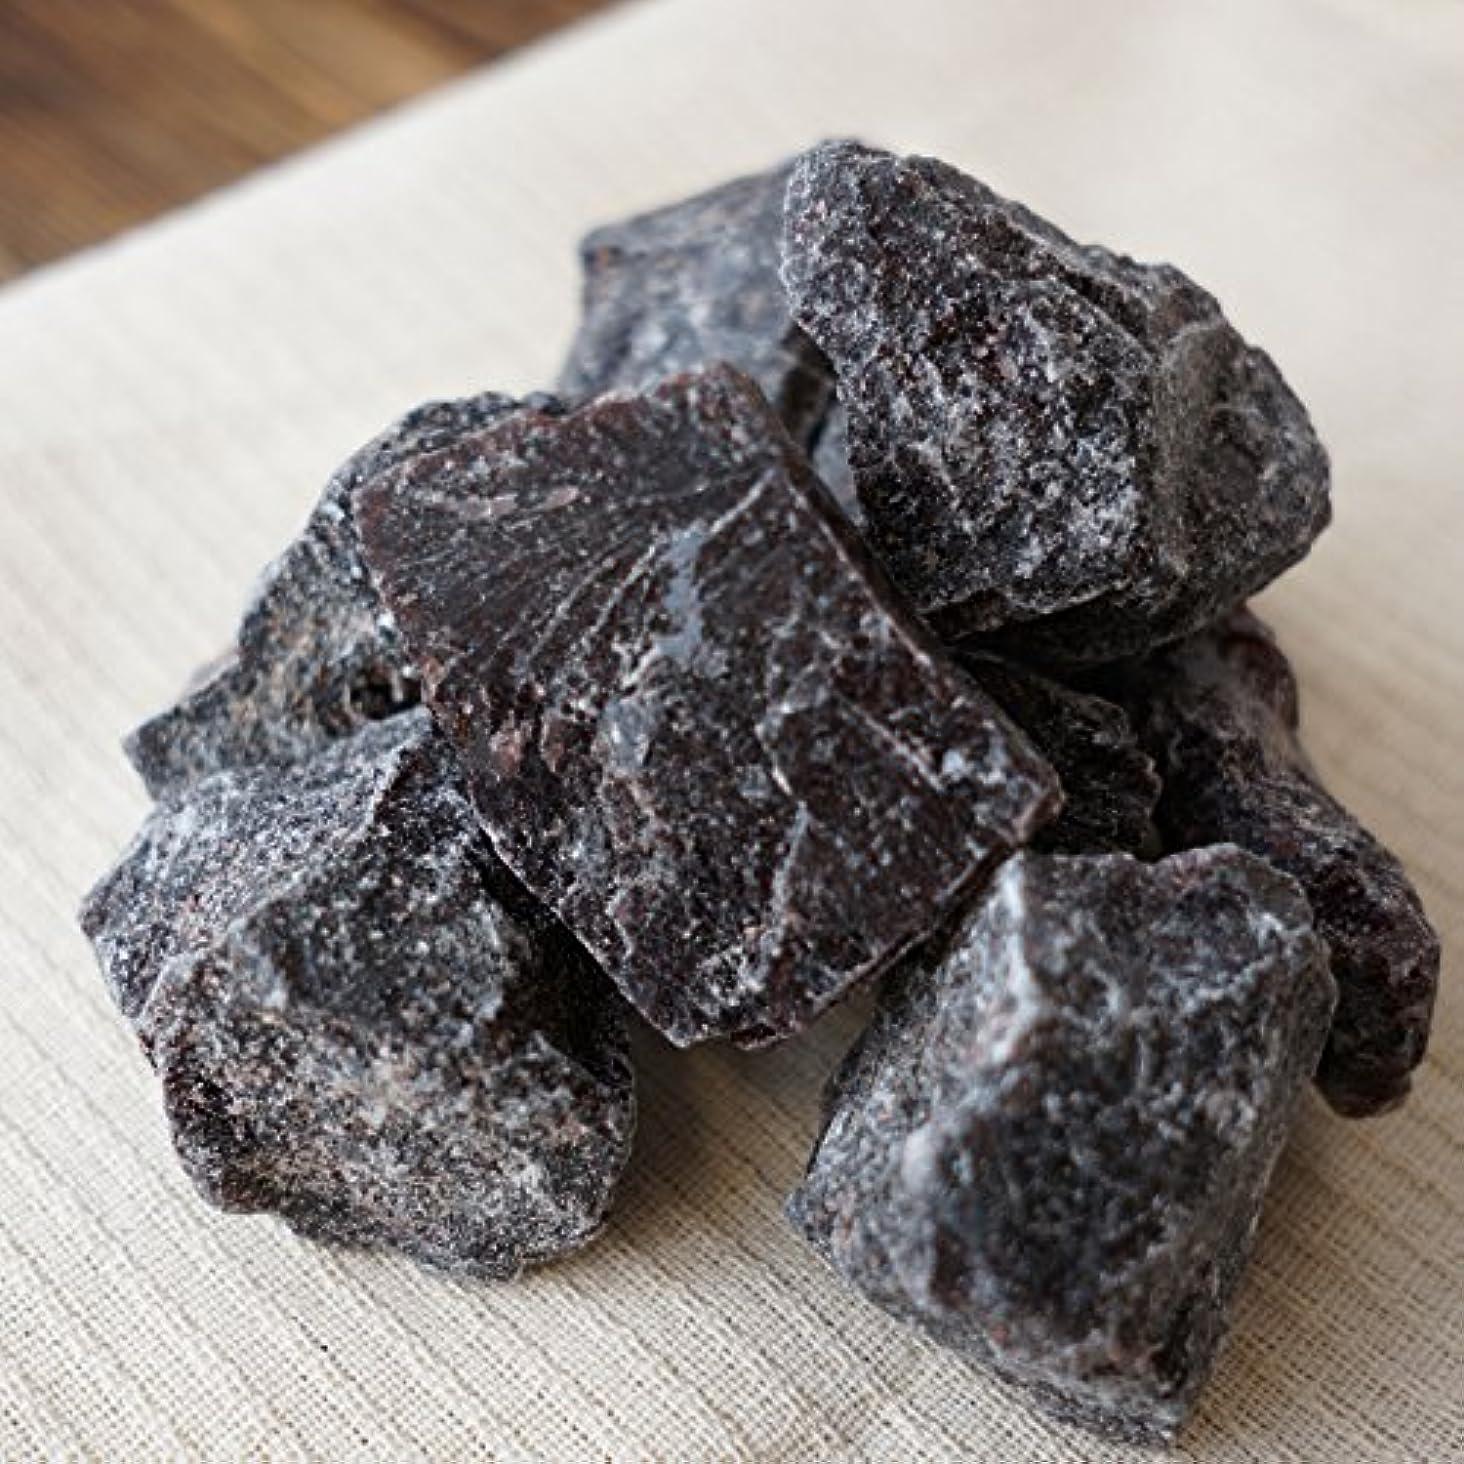 剛性ジャンプする地域希少 インド岩塩 ルビー ブロック 約2-5cm 5,000g 原料